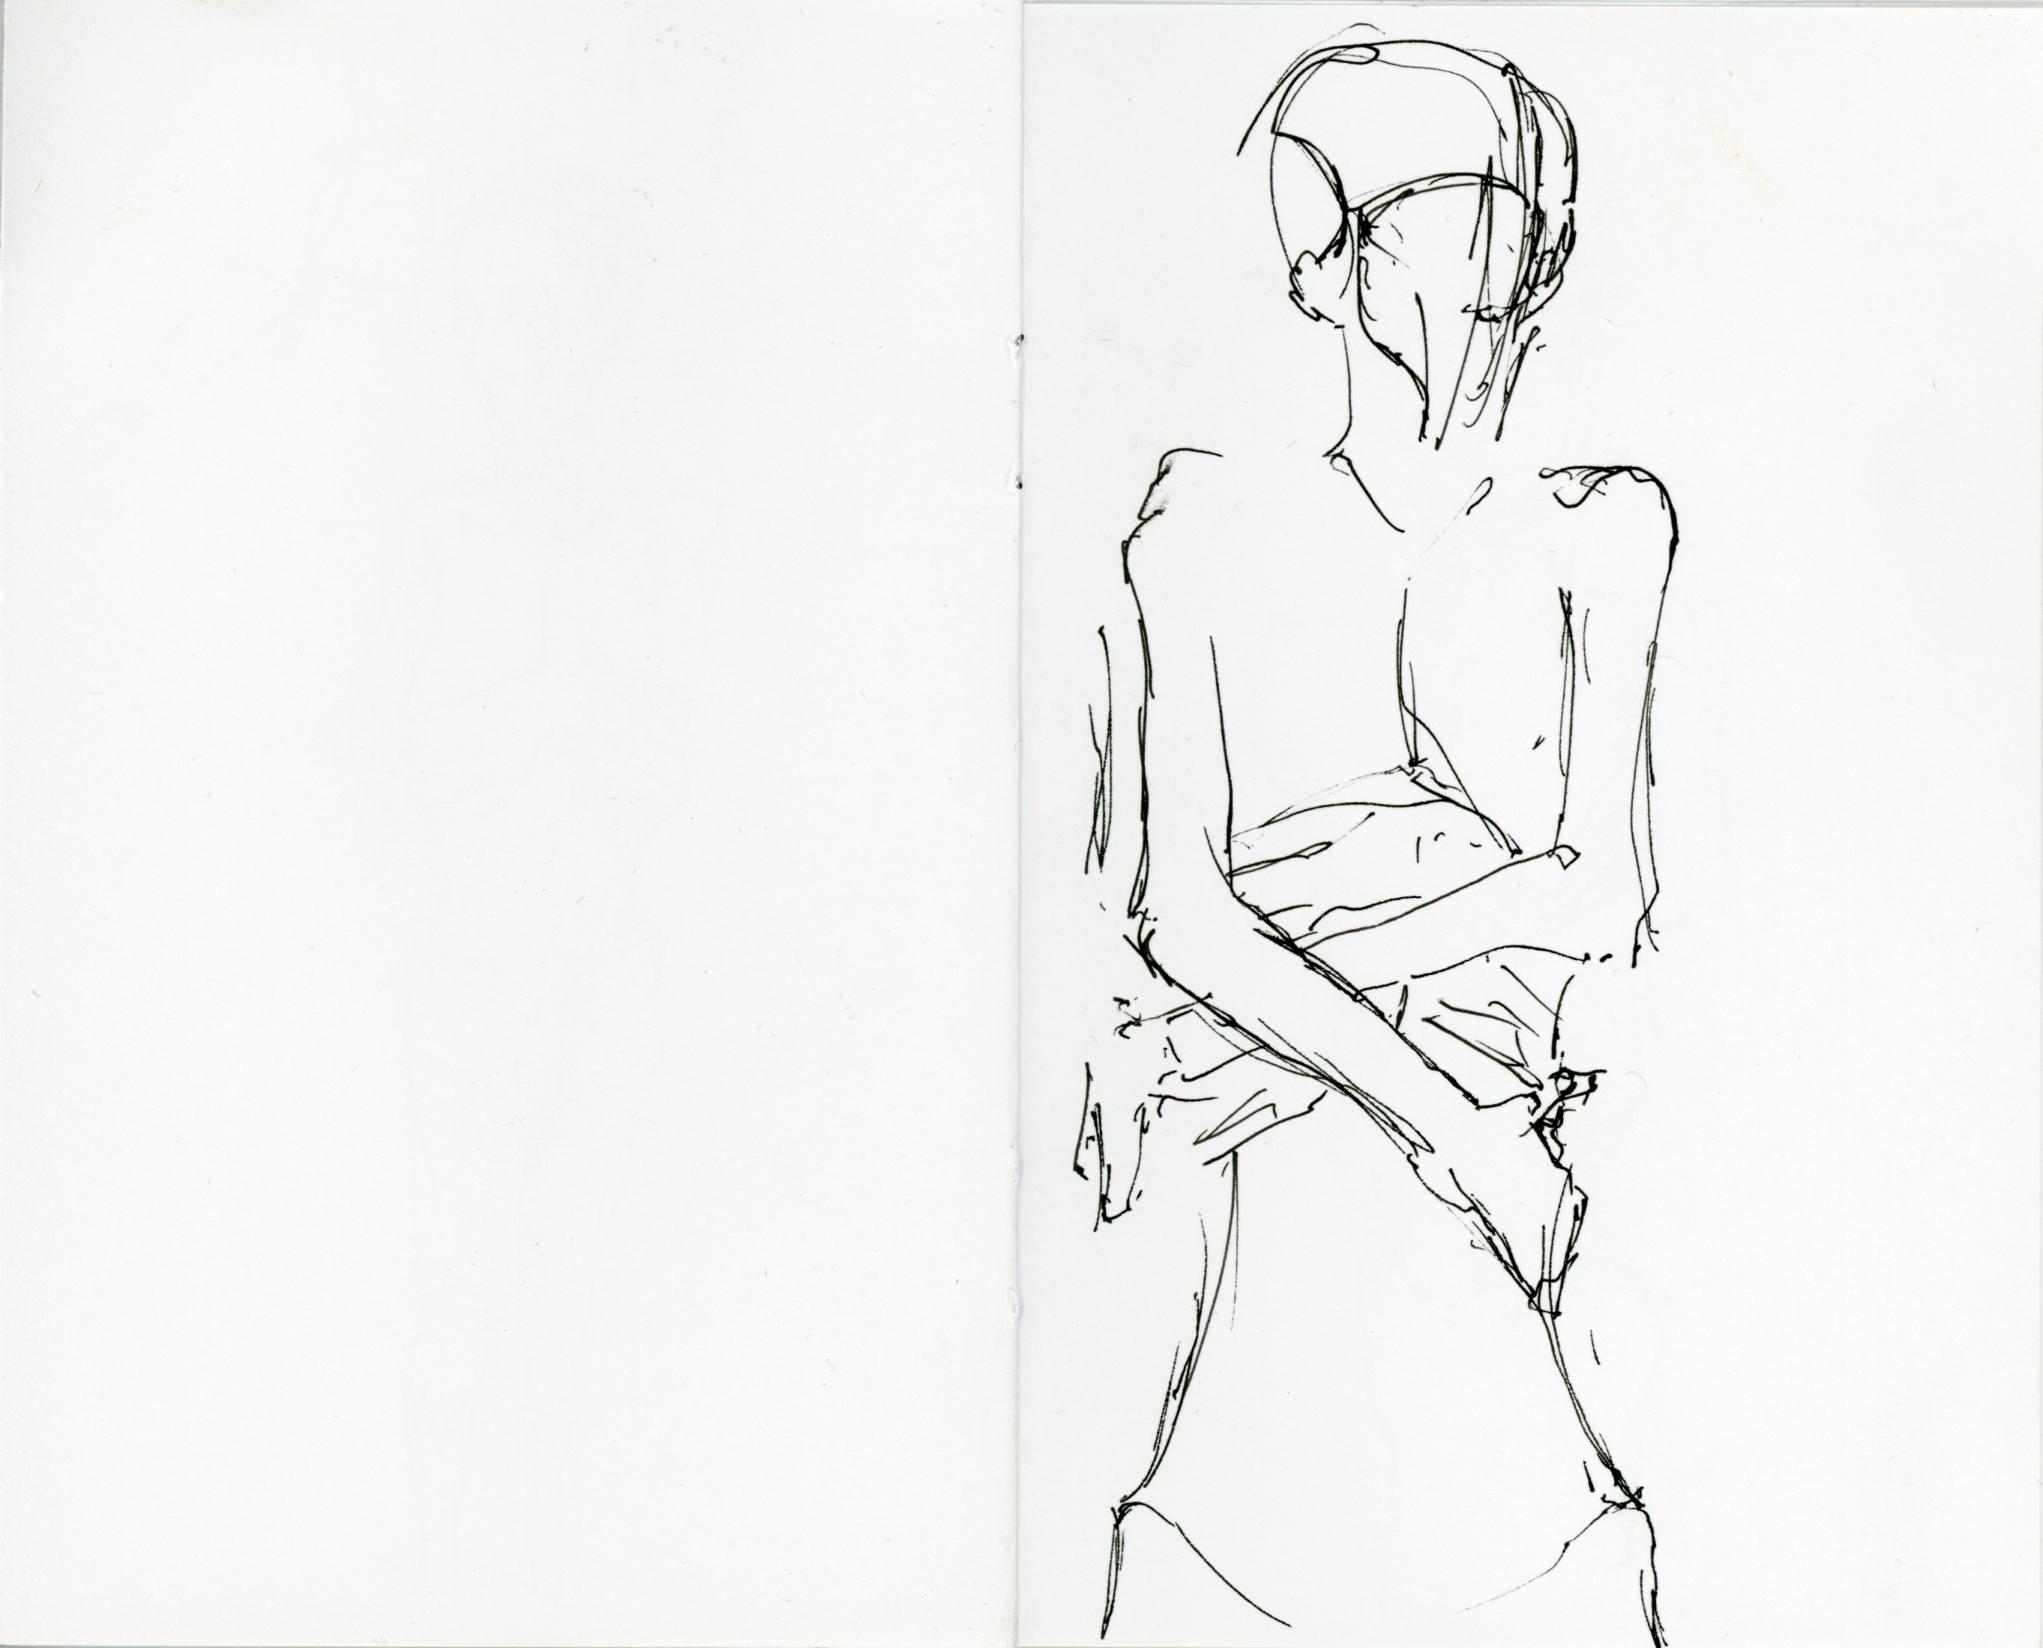 sketchbook_023_886.jpg